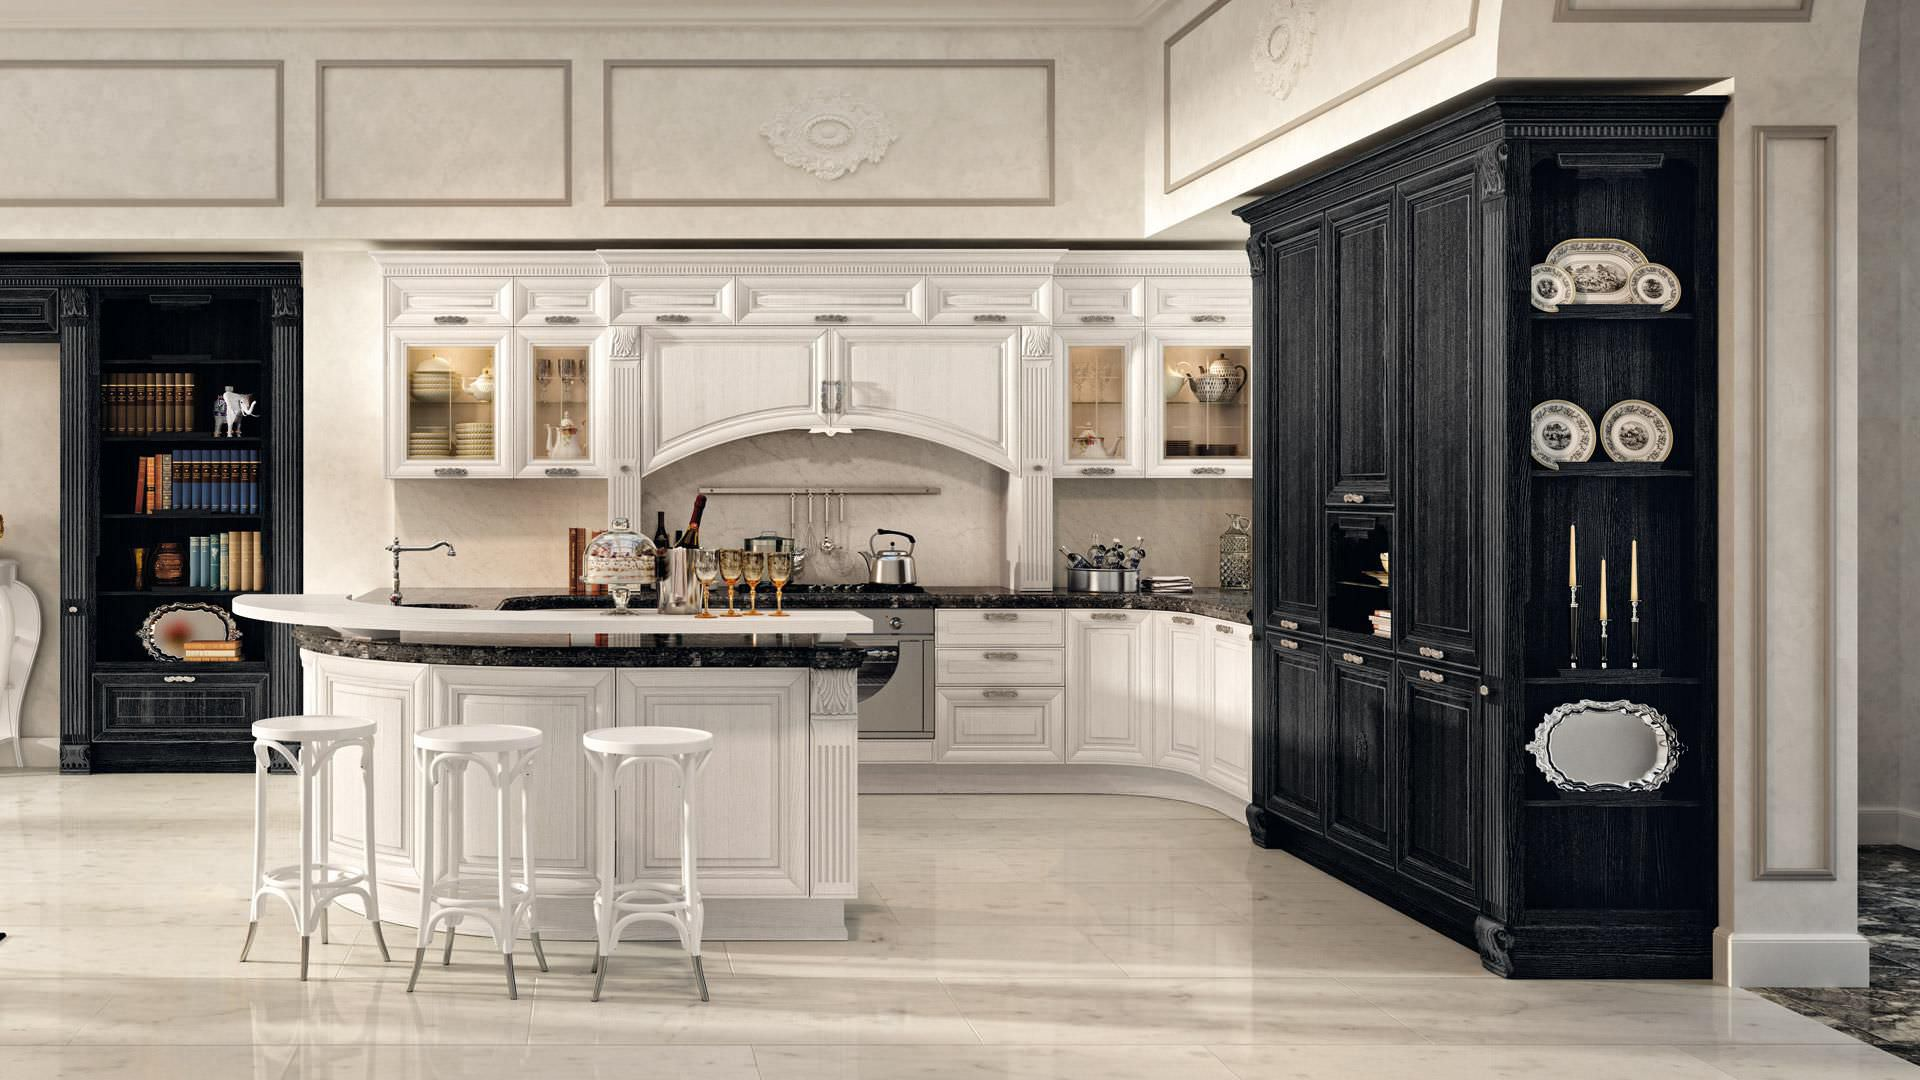 Klassische Küche / Holzfurnier / mit Griffen - PANTHEON ...